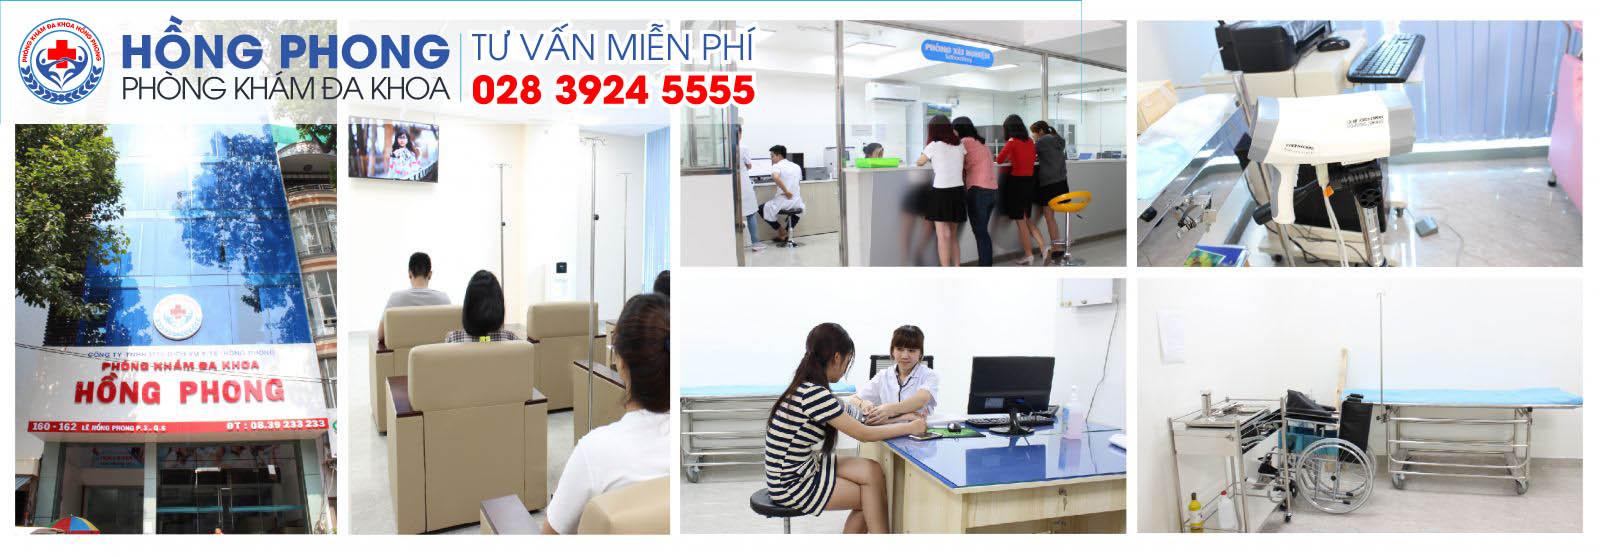 Phòng Khám Đa Khoa Hồng Phong địa chỉ điều trị bệnh xã hội uy tín tại TP HCM